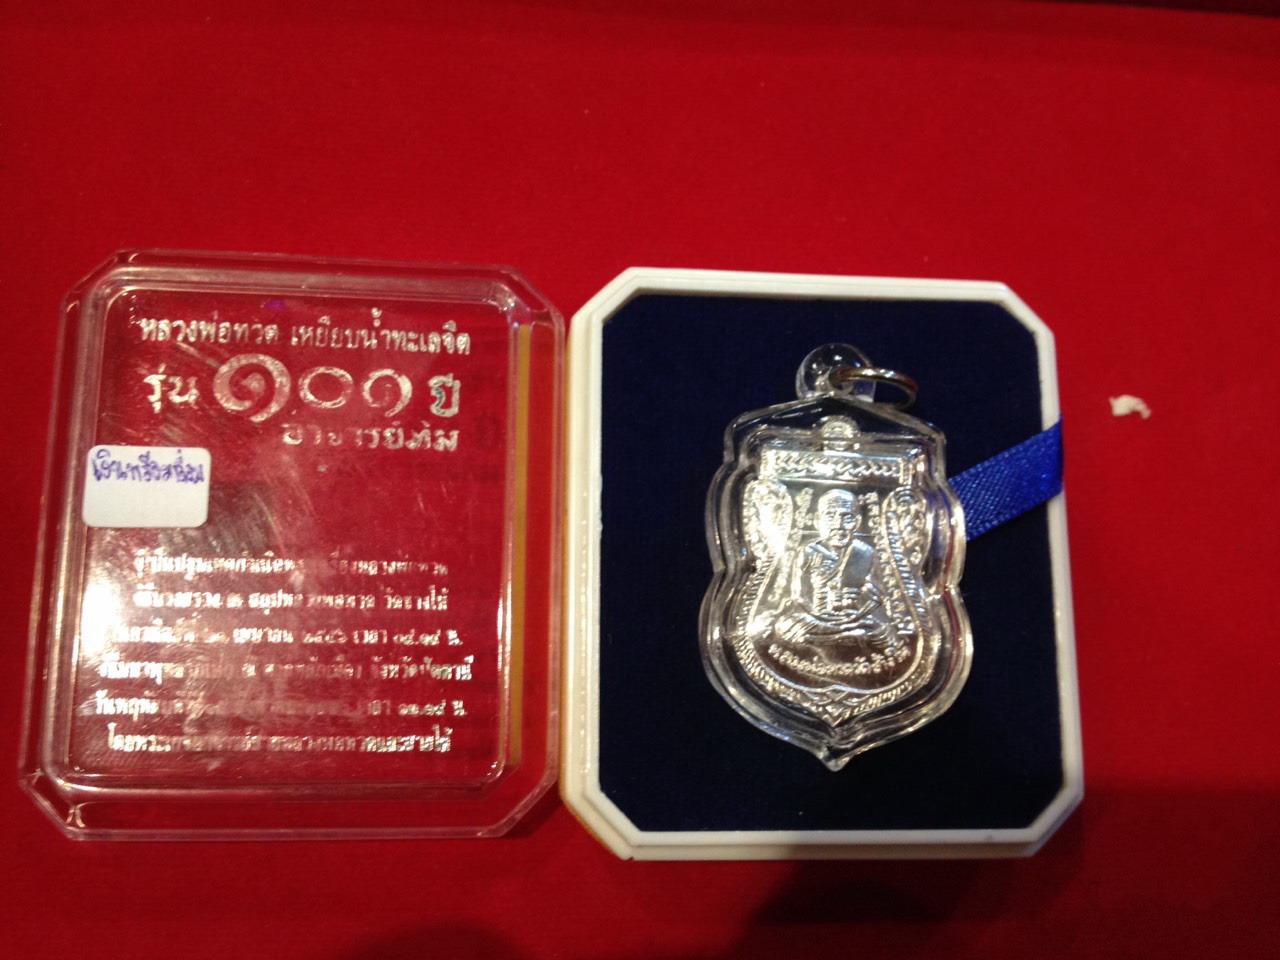 101 ปี หลวงปู่ทวด อาจารย์ทิม เหรียญเสมาพิมพ์หน้าเลื่อน เนื้อเงิน พร้อมเลี่ยมพลาสติกกันน้ำ